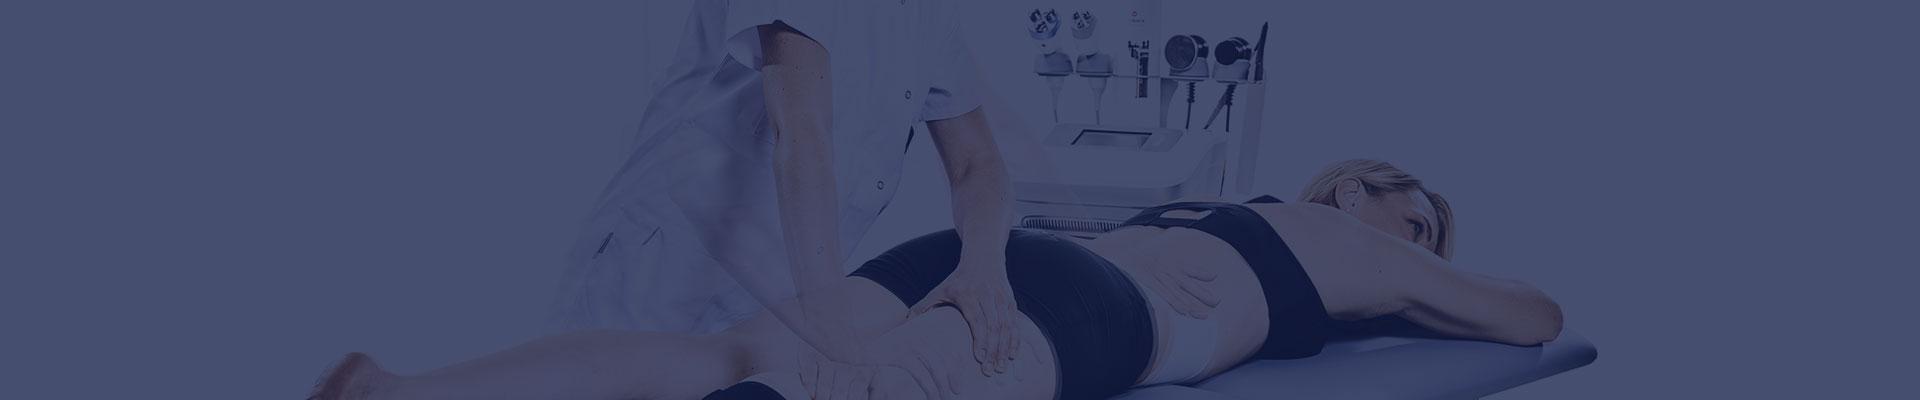 Star Bene Italia | Criocamere Elettriche e Apparecchiature Medicali per Fisioterapia e Riabilitazione a Milano | sfondo prodotti